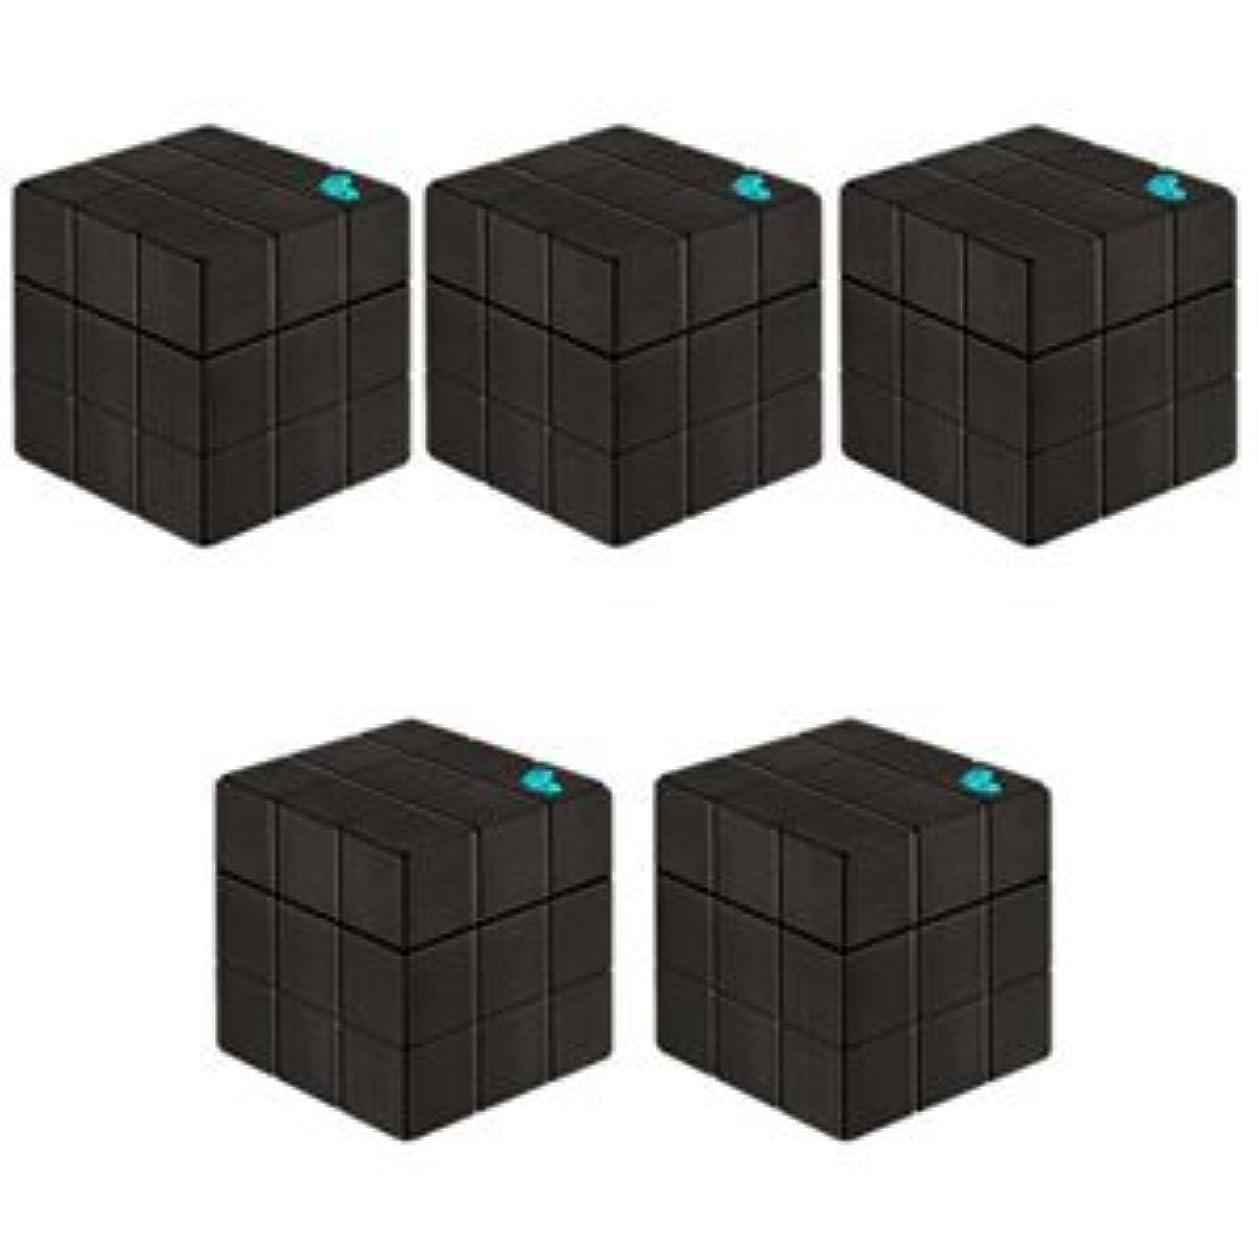 敬険しい鳴り響く【X5個セット】 アリミノ ピース プロデザインシリーズ フリーズキープワックス ブラック 80g ARIMINO